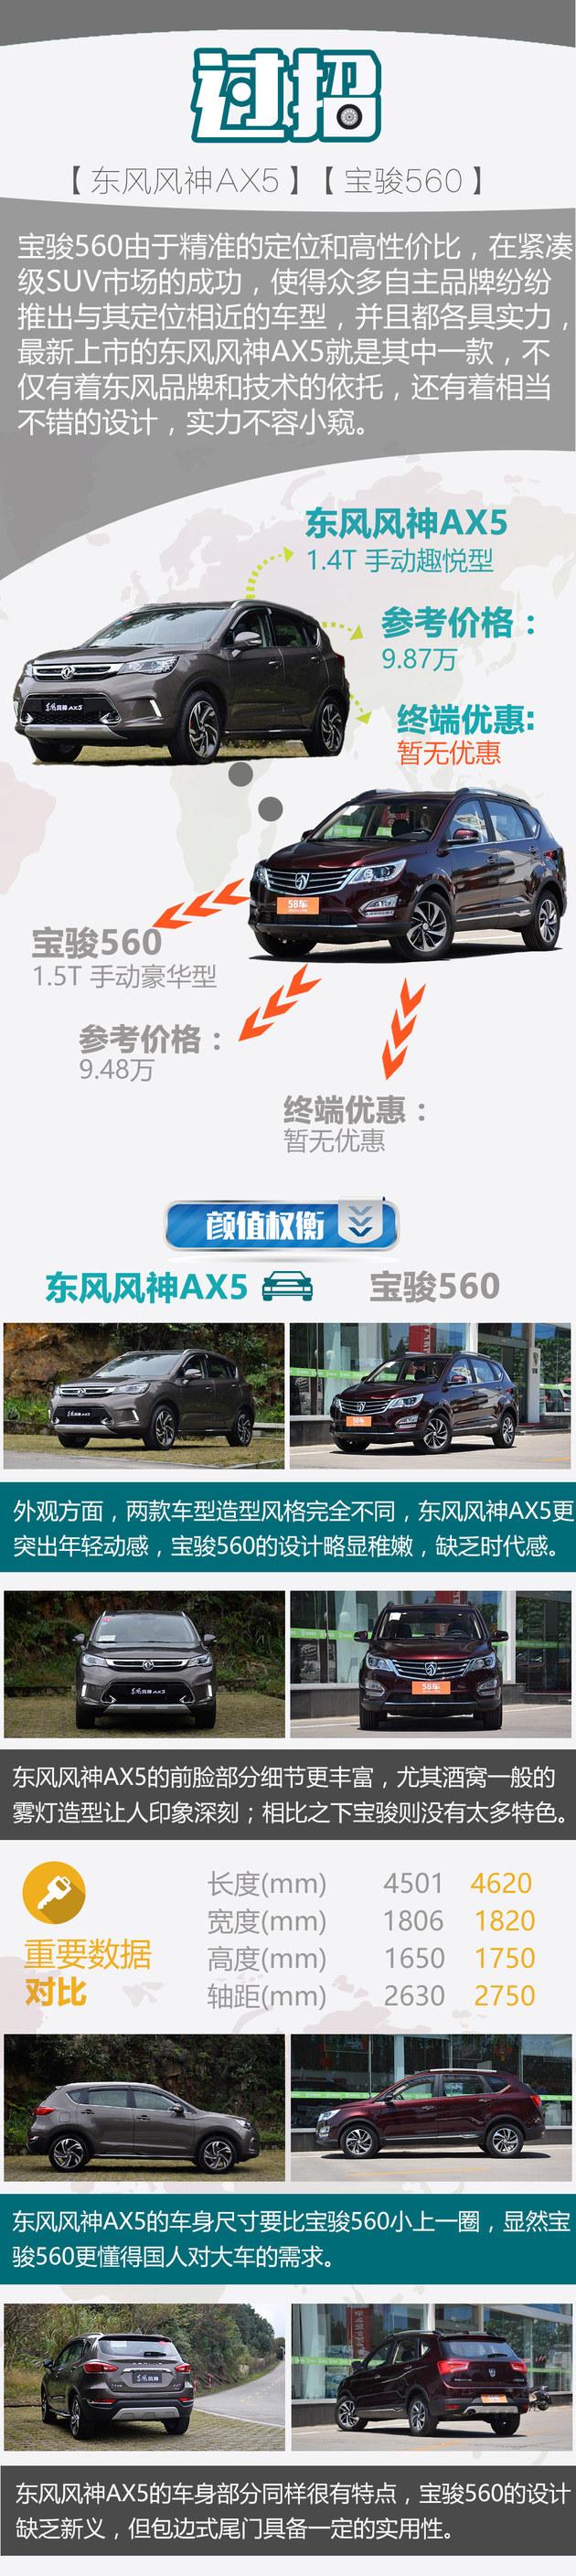 东风风神AX5对比宝骏560 与标杆的较量